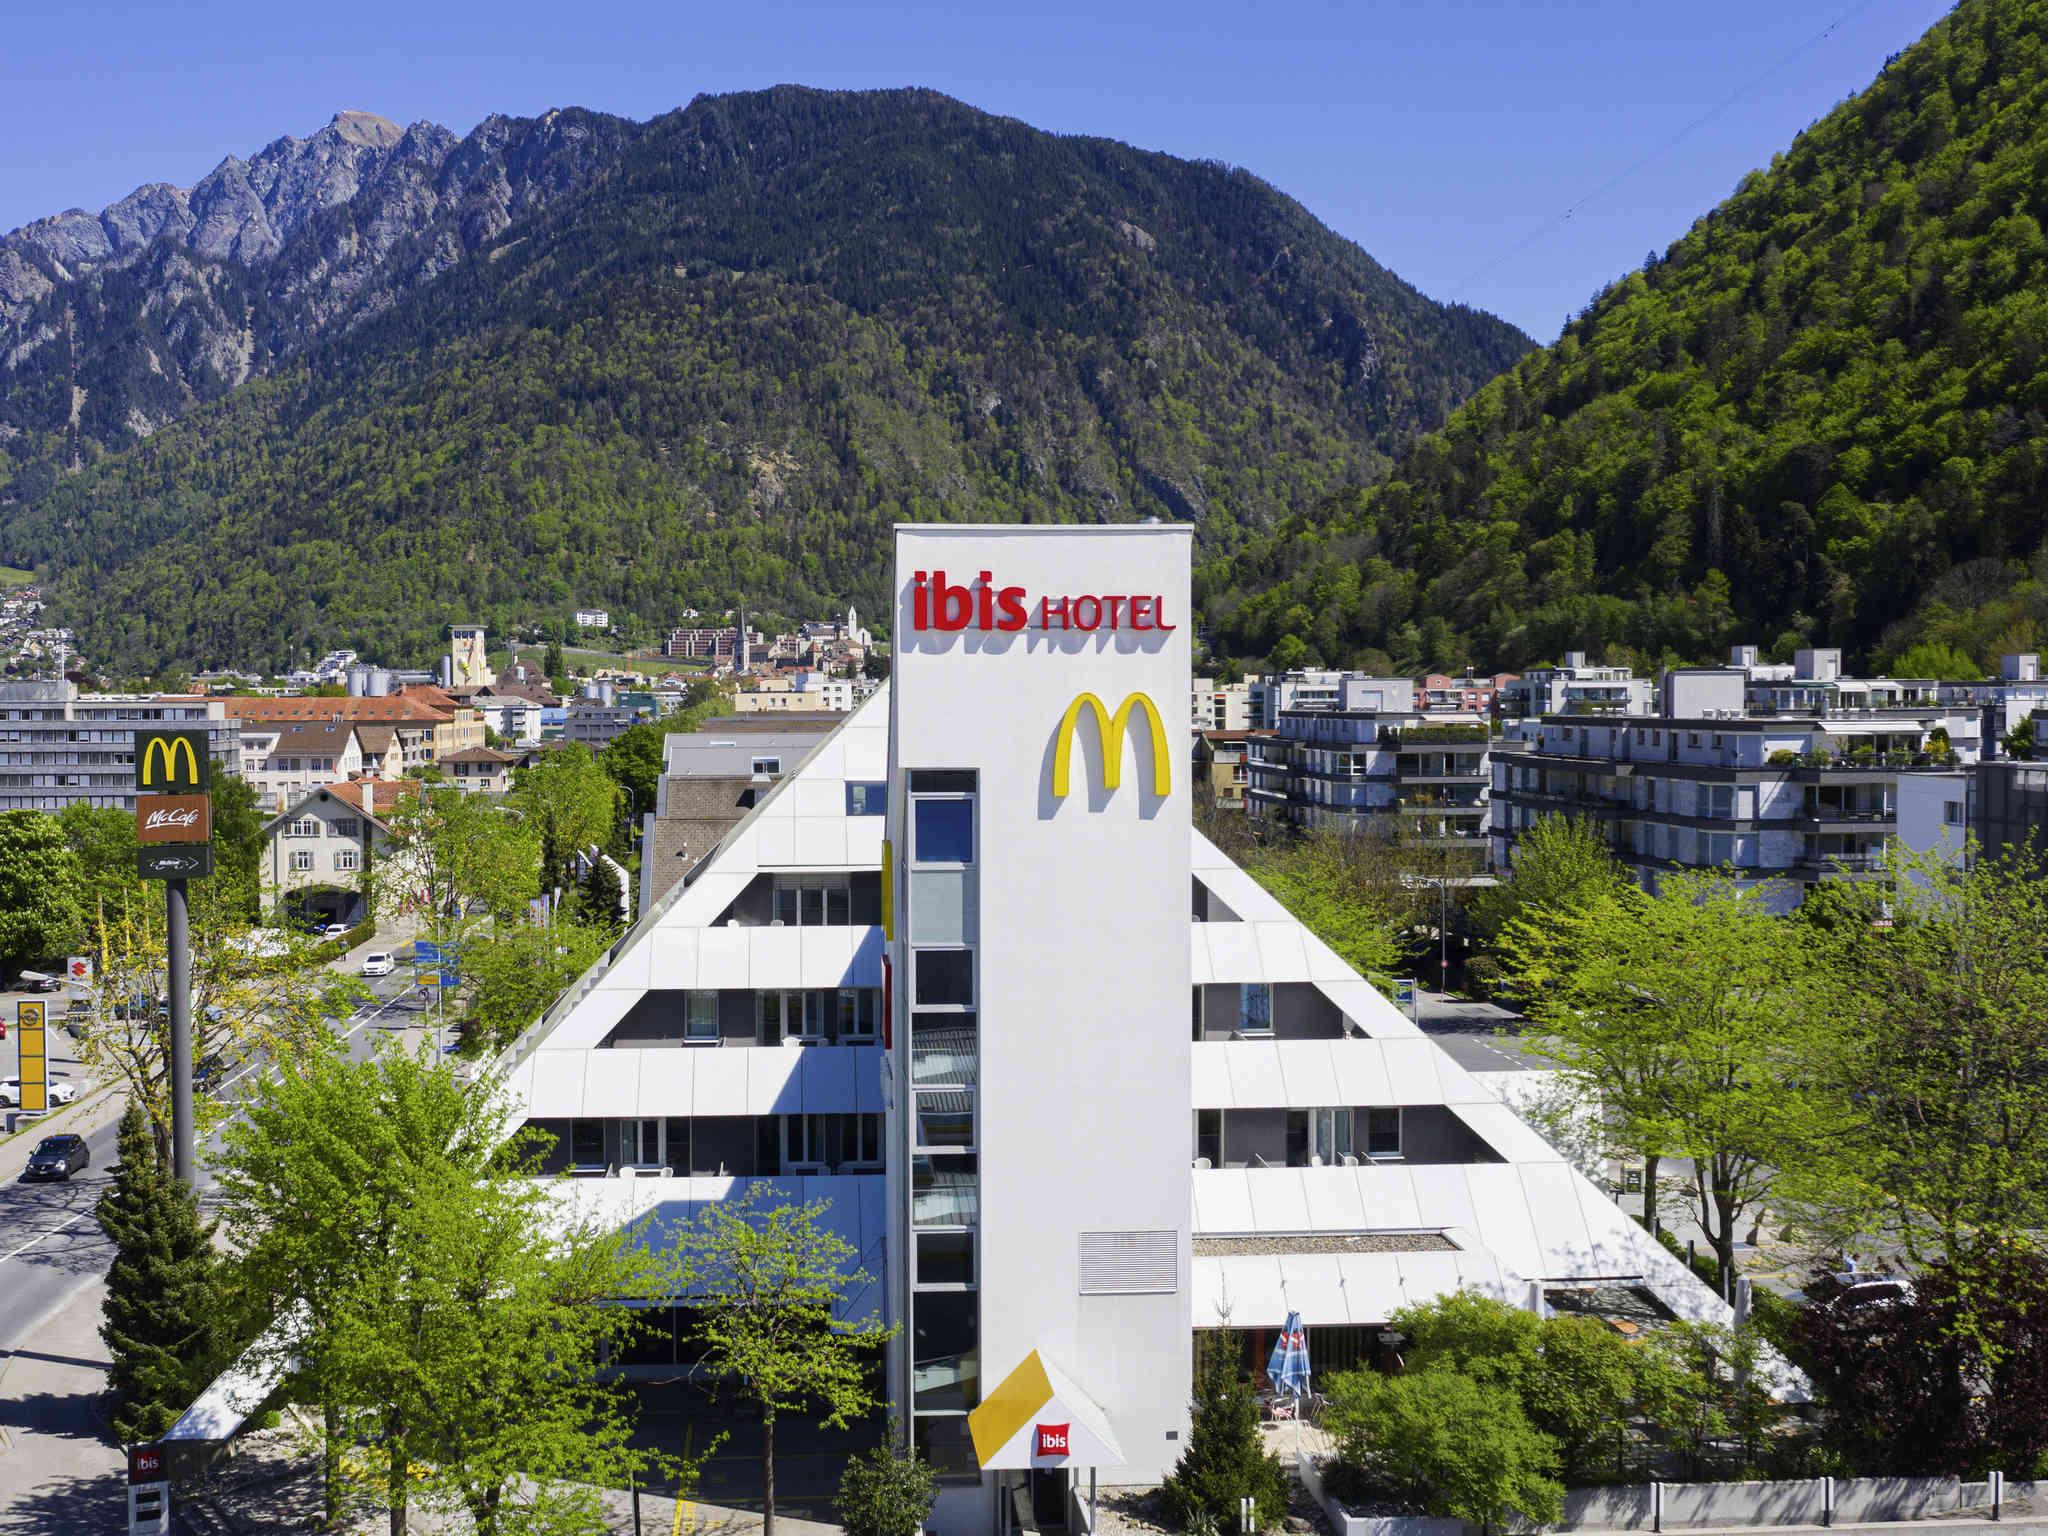 Ibis Hotel Chur